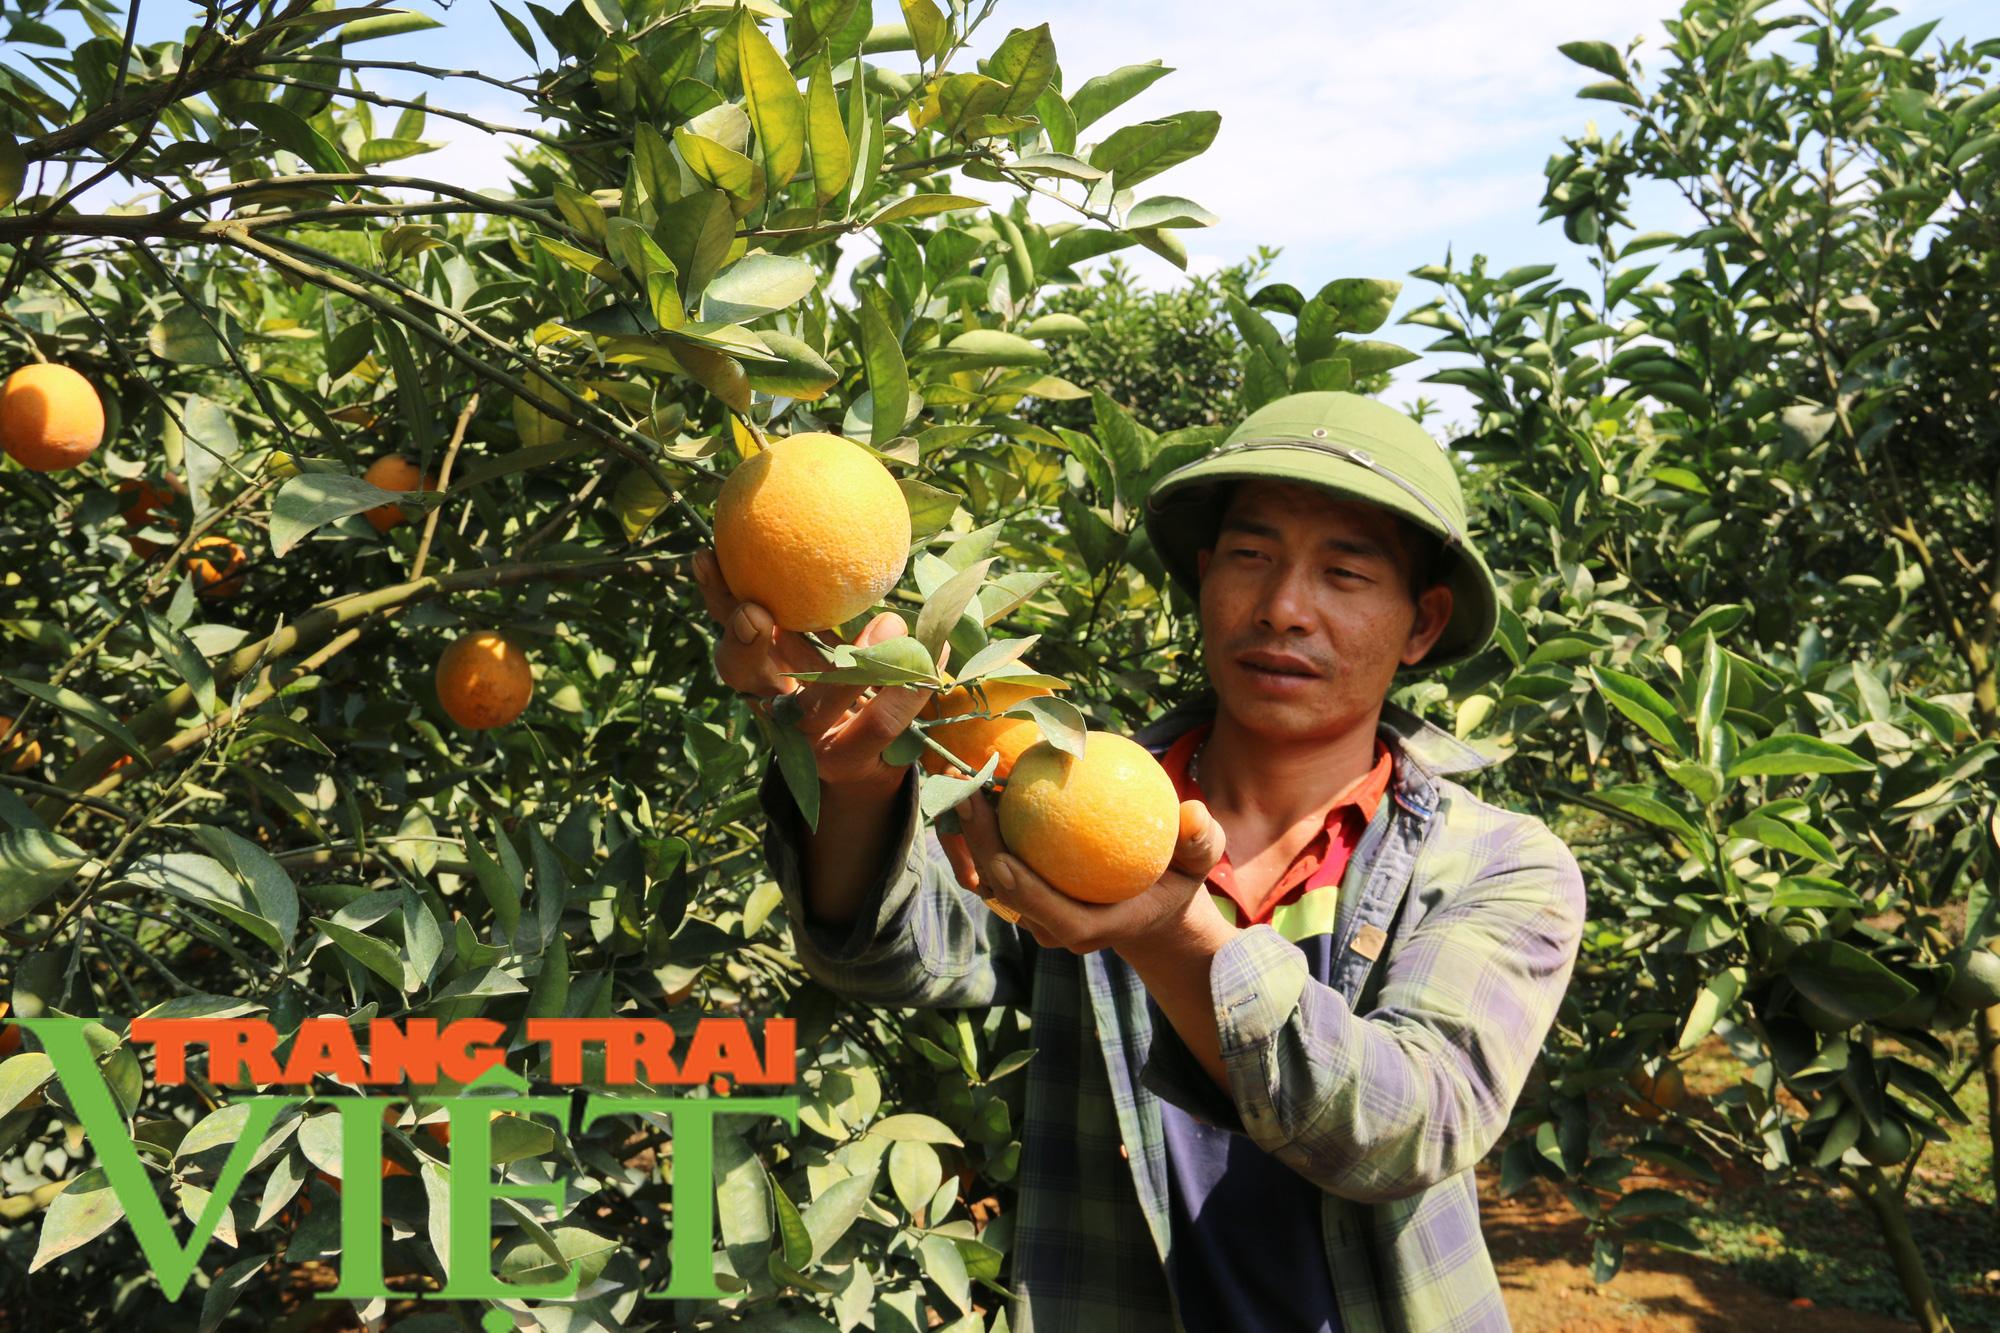 Hội Nông dân Sơn La giúp hội viên làm kinh tế - Ảnh 2.